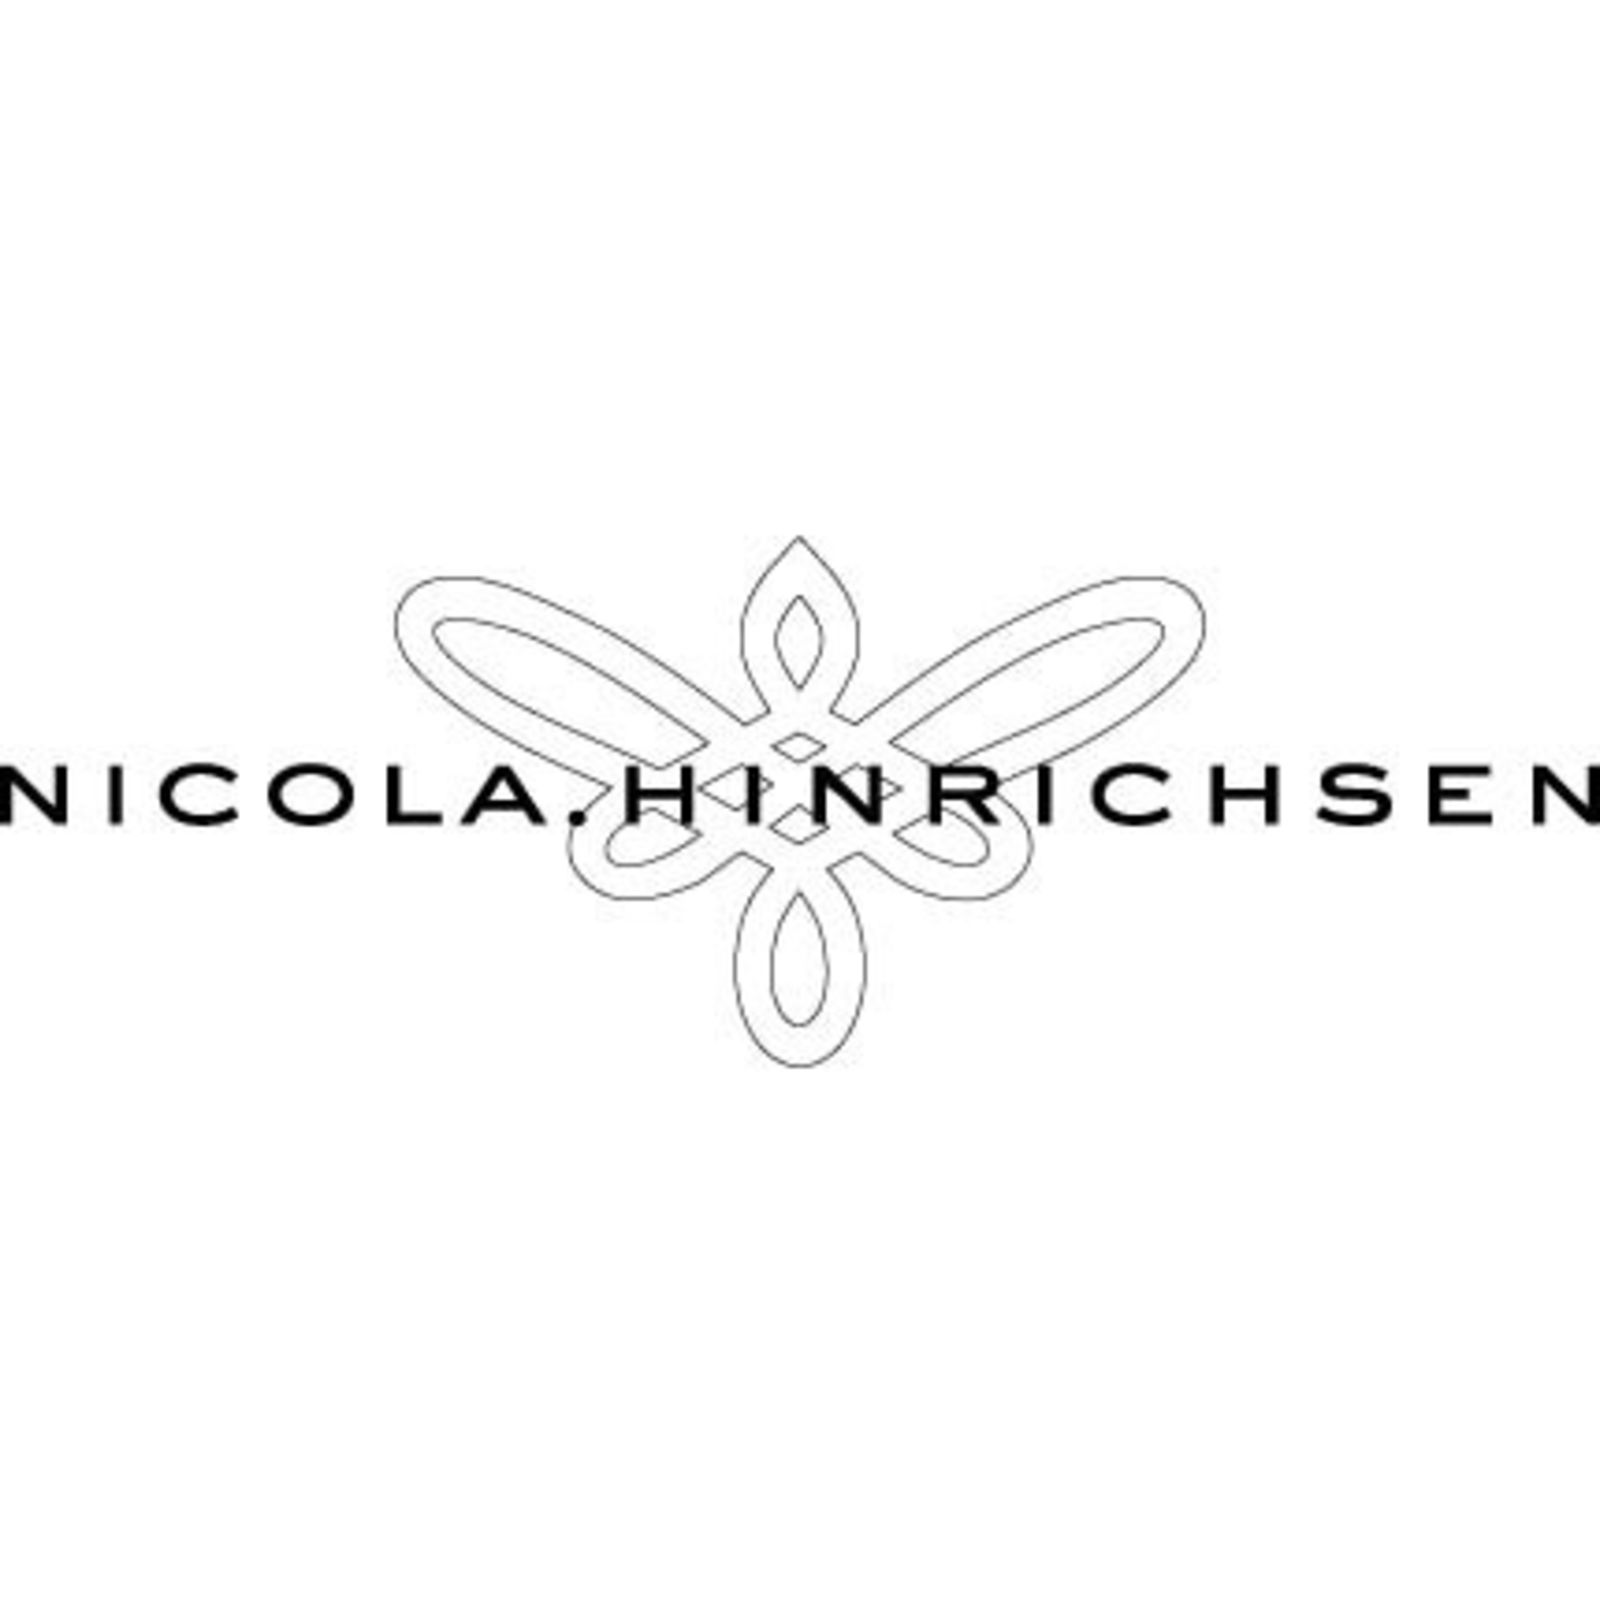 Nicola Hinrichsen (Bild 1)